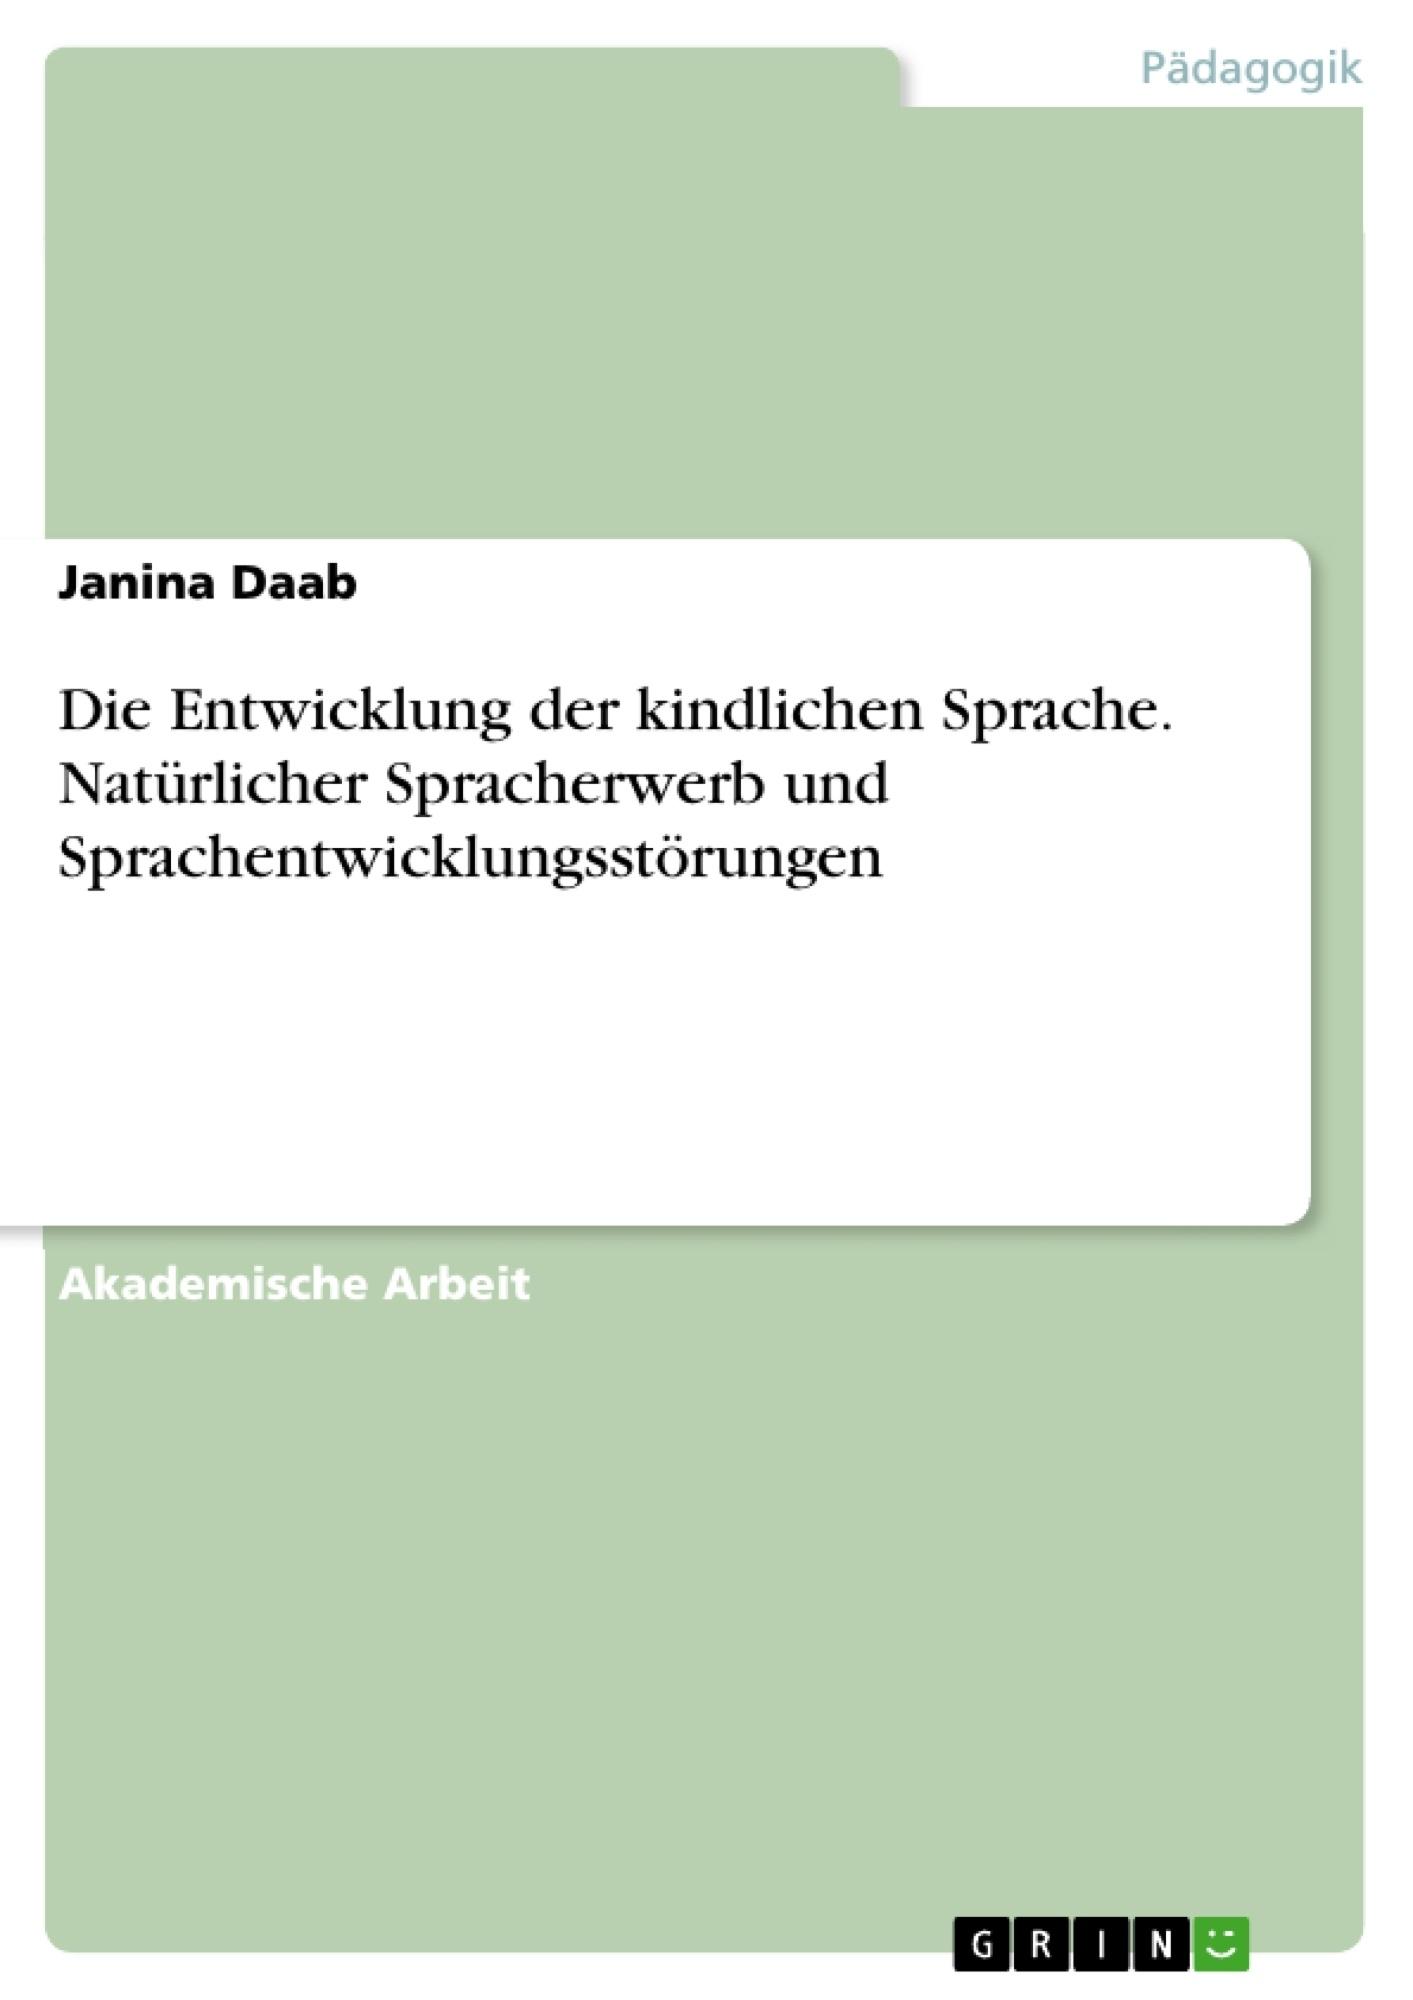 Titel: Die Entwicklung der kindlichen Sprache. Natürlicher Spracherwerb und Sprachentwicklungsstörungen